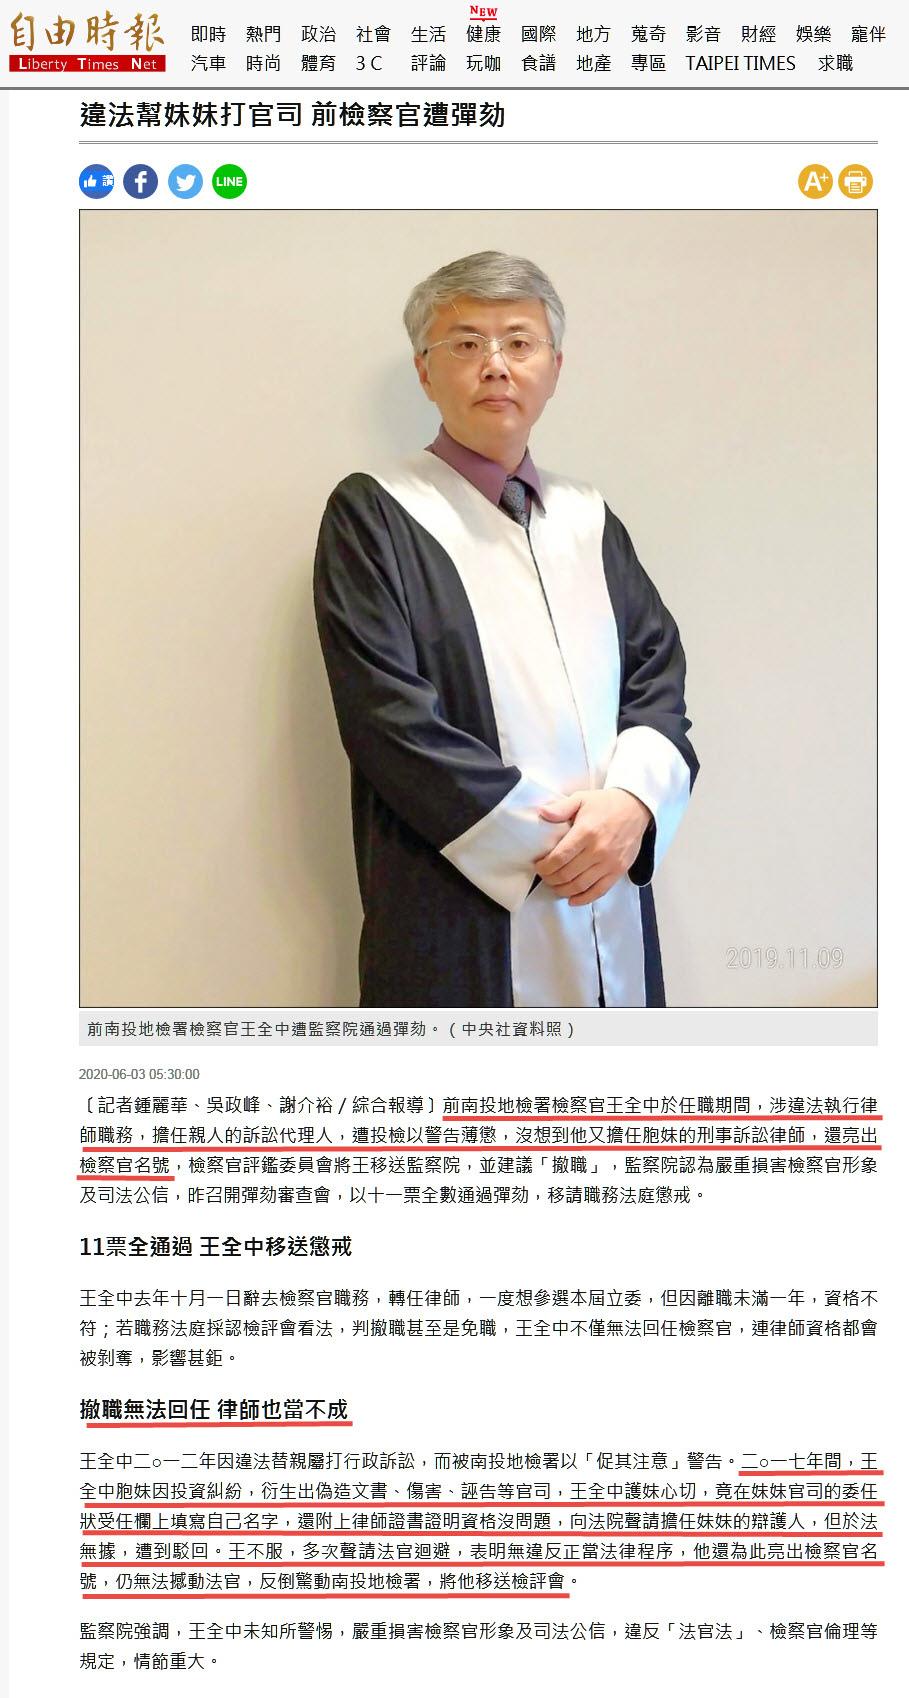 違法幫妹妹打官司 前檢察官遭彈劾-2020.06.03.jpg